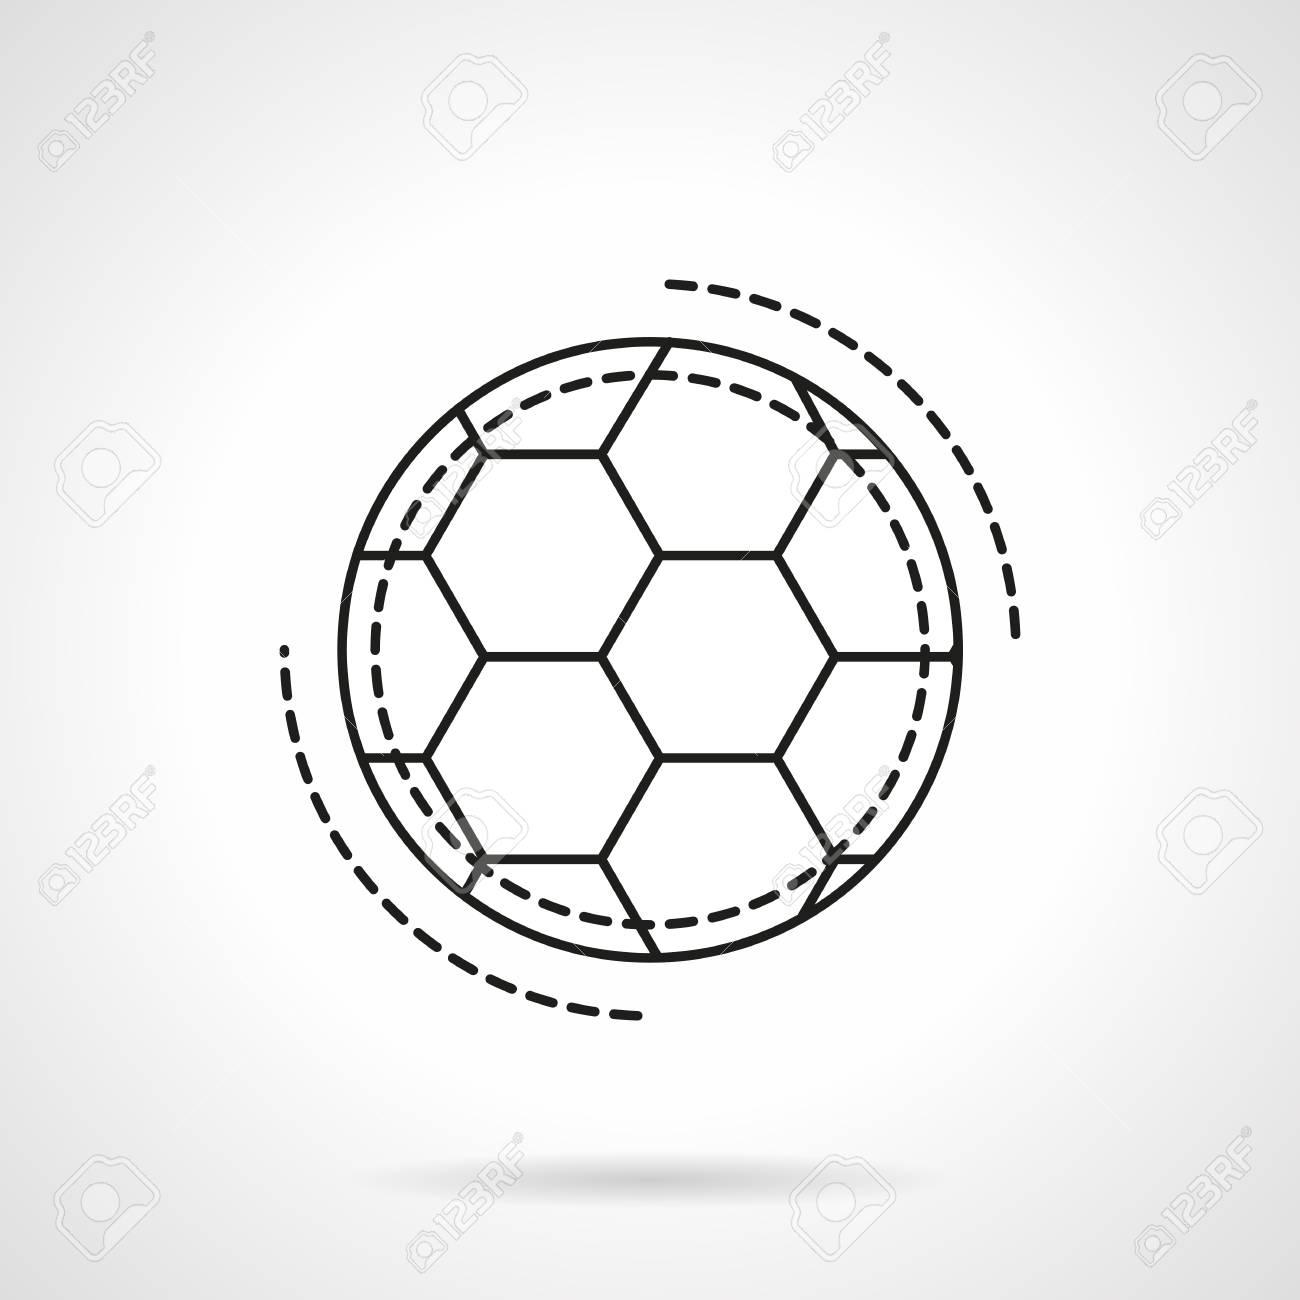 Football ou ballon de football. Accessoires et équipement de sport. Magasin de sport. Match de football. Icône de vecteur de style ligne plate.